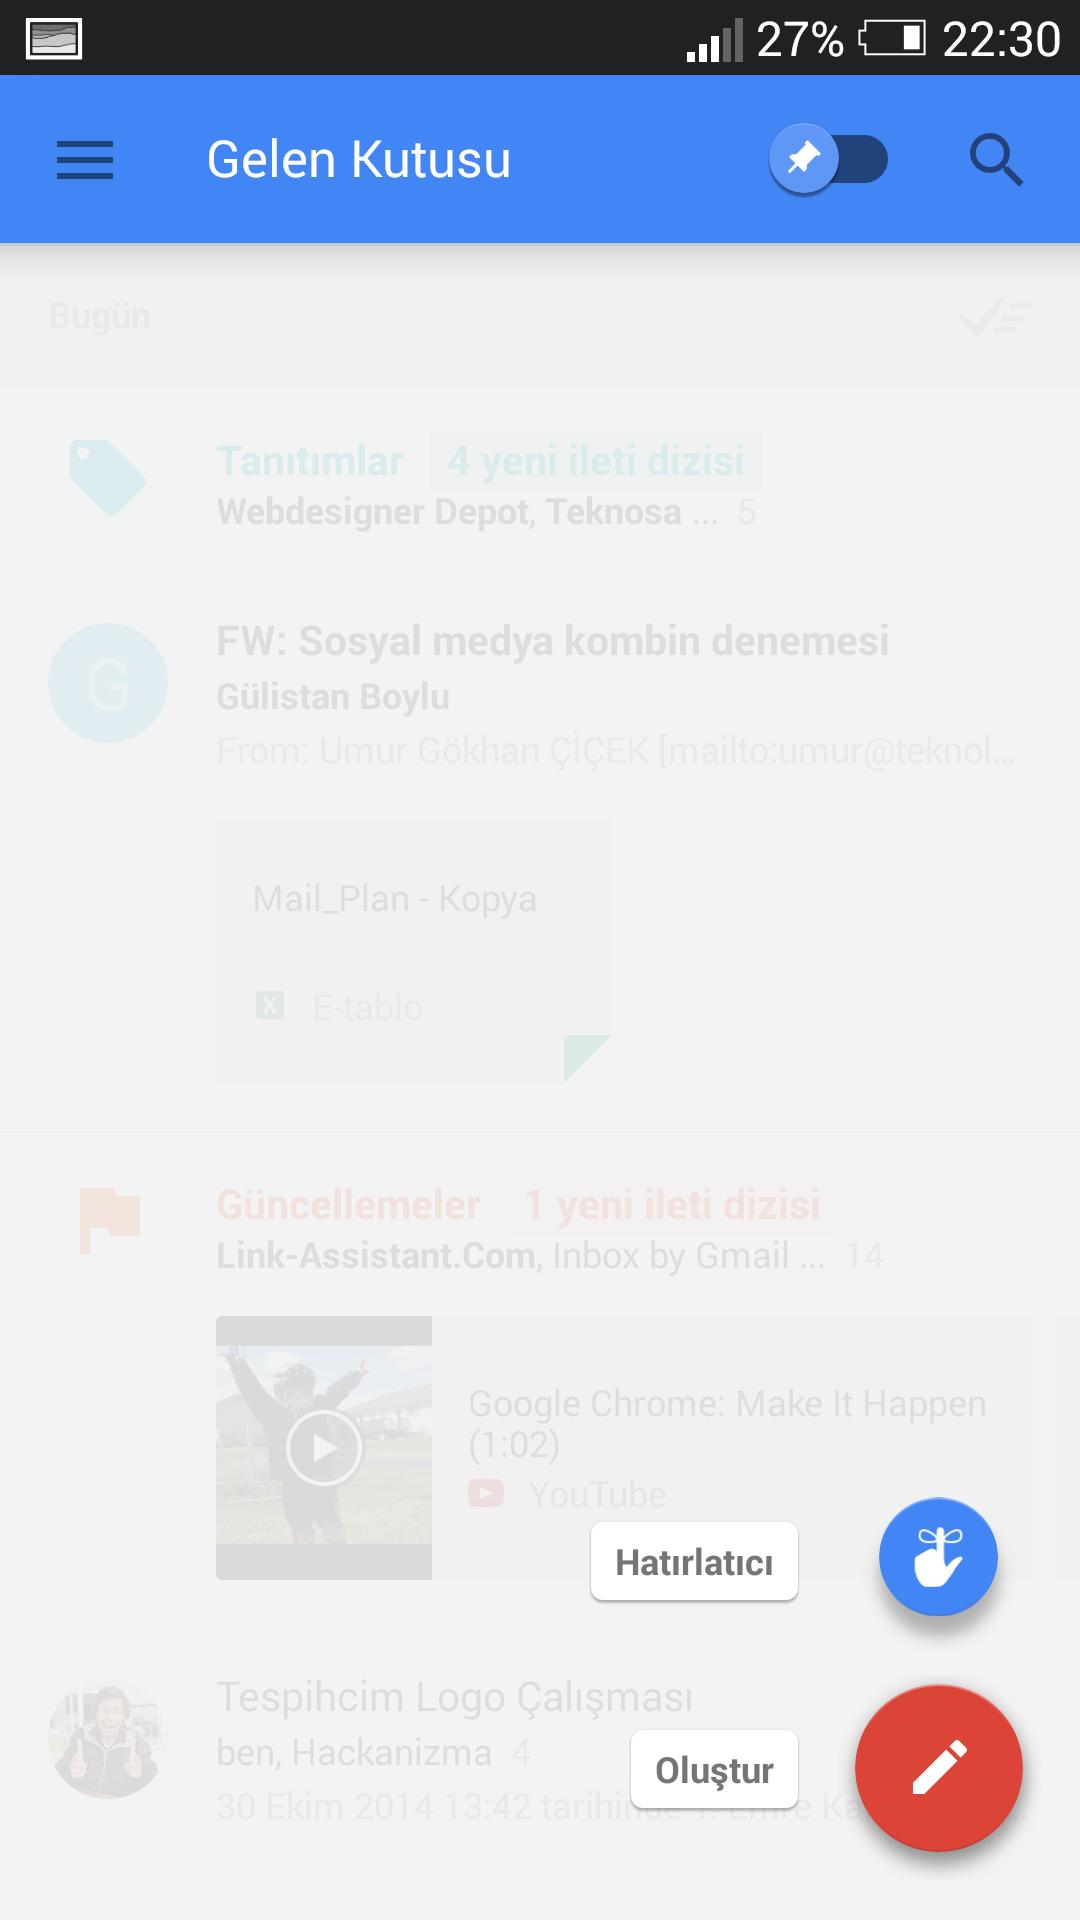 Hatırlatıcı Gmail İnbox